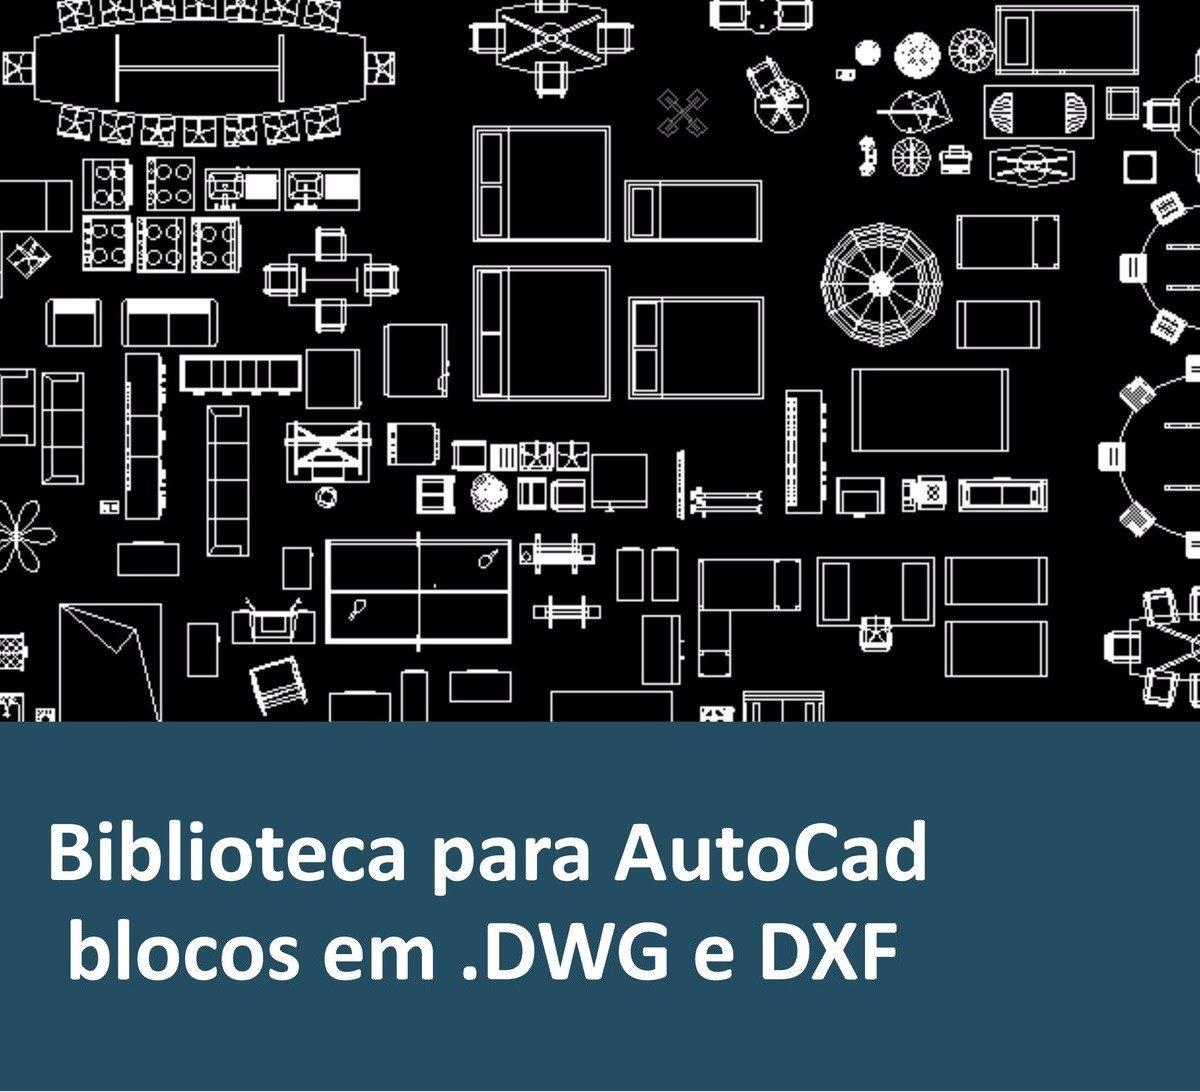 BLOCOS DE CARROS PARA AUTOCAD BAIXAR